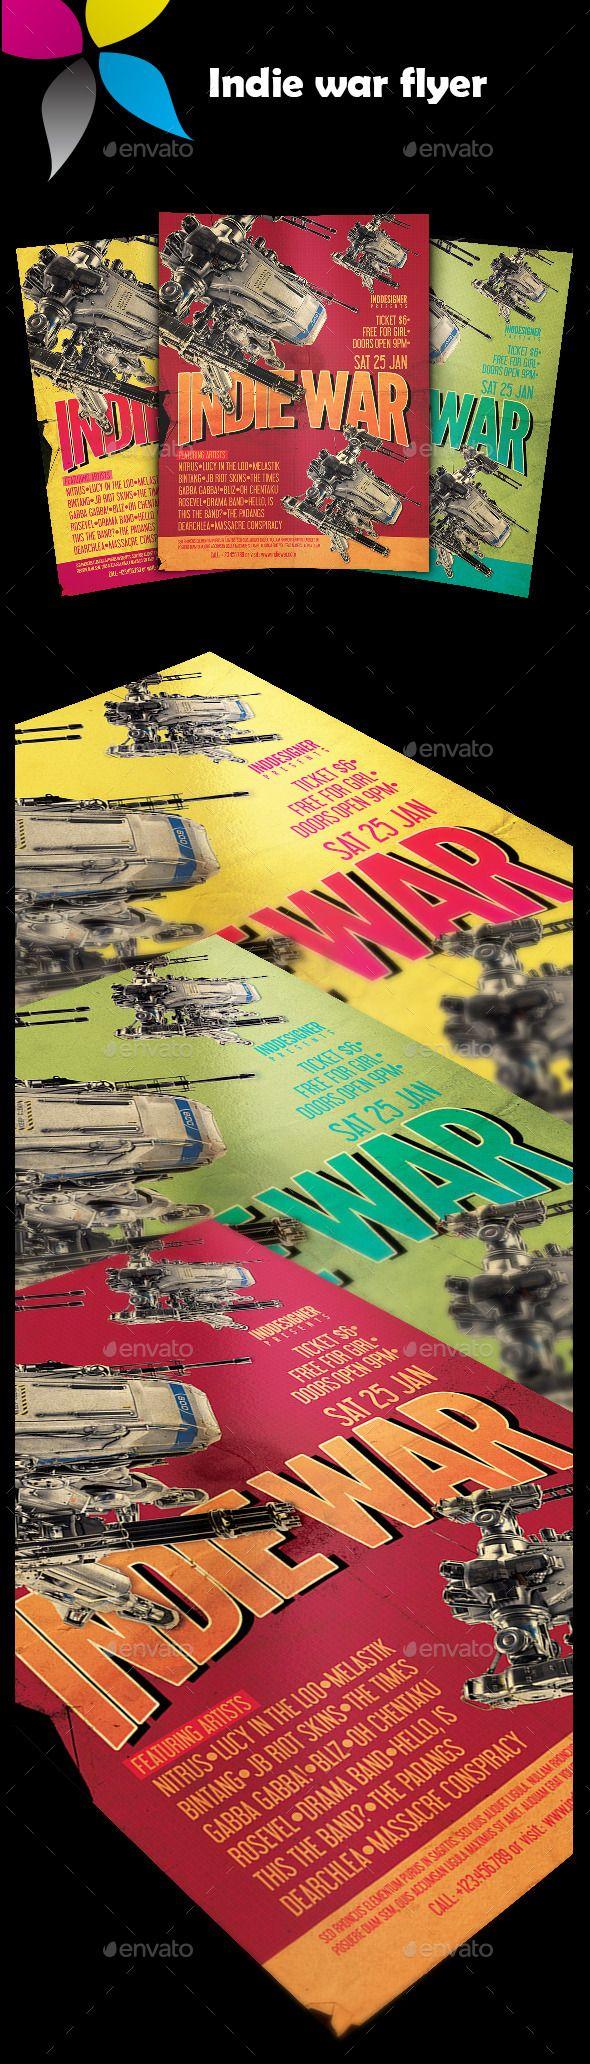 Indie War Flyer by inddesigner A4 8.2677×11.6929 US Letter 8.5×11 Bleed 5 mm Photoshop CC 300dpi CMYK Libel Suit Regular: www.dafont.com/libel-suit.font L